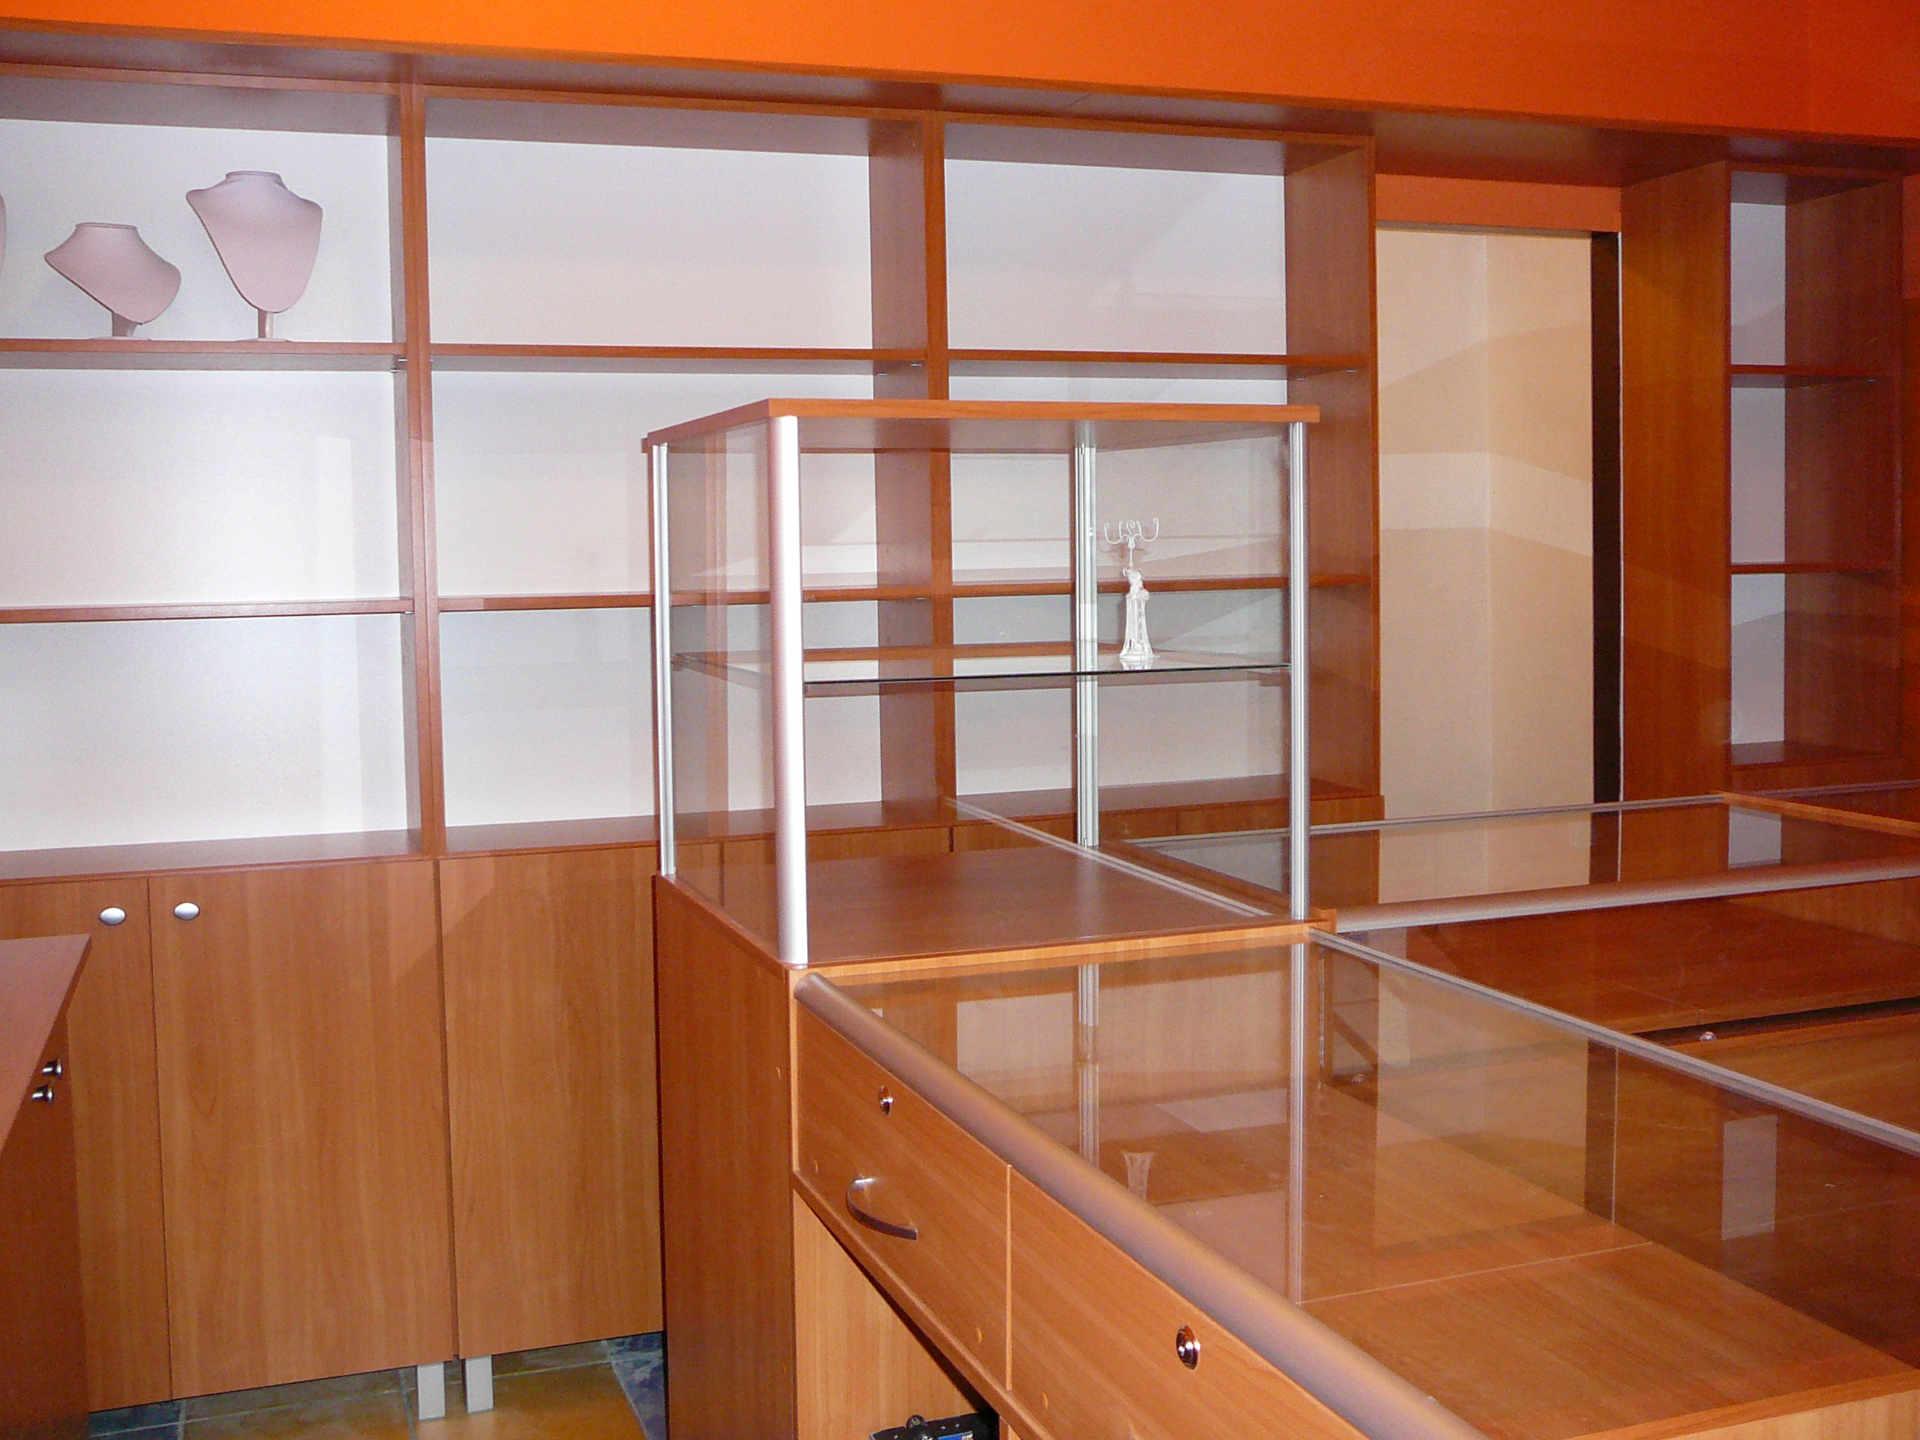 meble biur i sklepów wszelkich branż, aptek, salonów, hurtowni, itp.